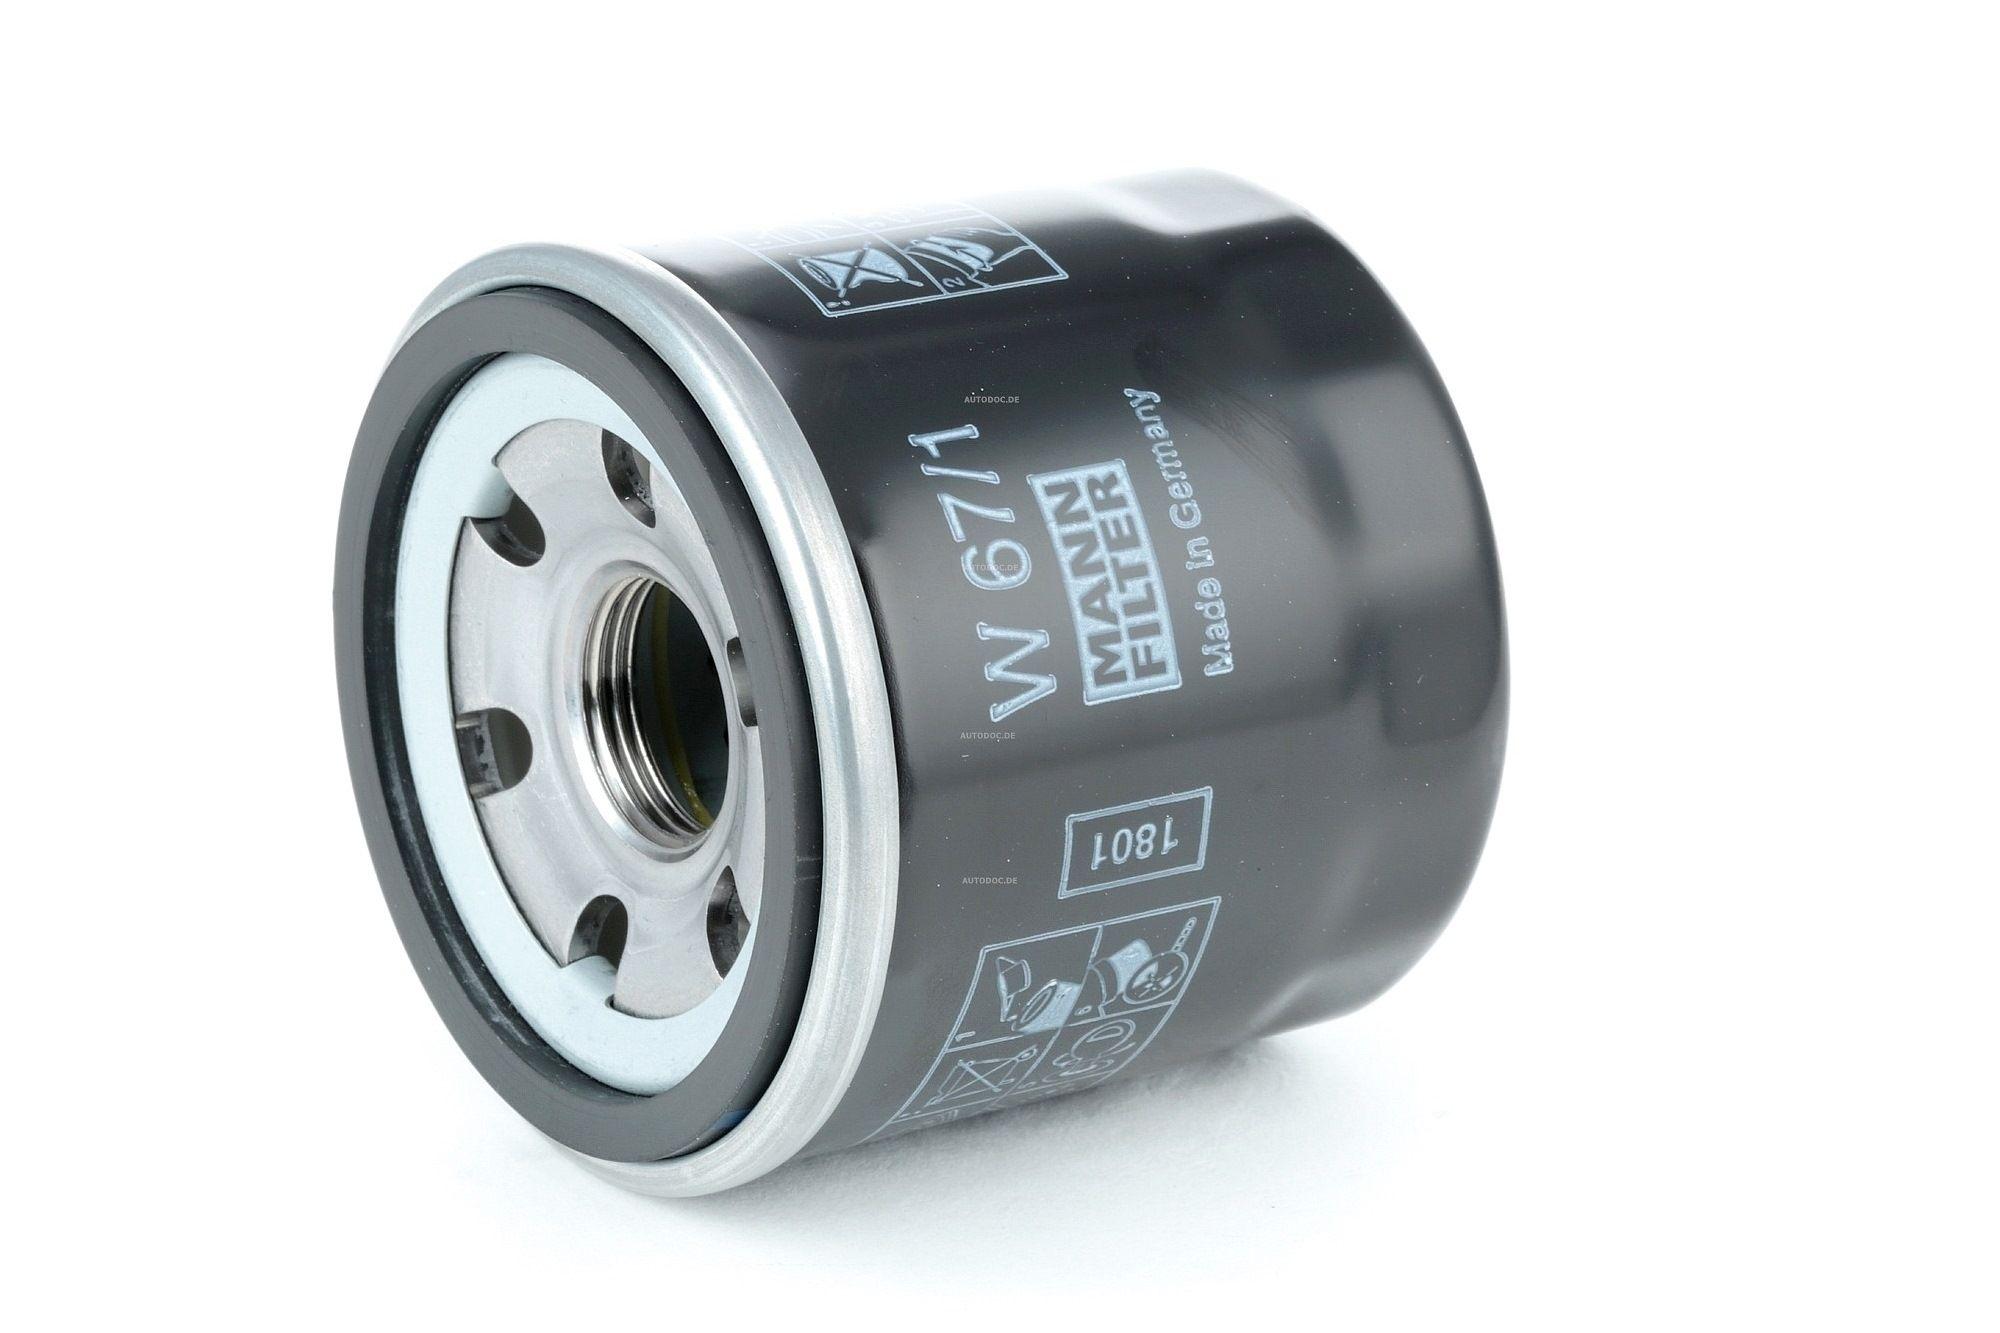 W 67/1 MANN-FILTER Anschraubfilter, mit einem Rücklaufsperrventil Innendurchmesser 2: 54mm, Ø: 66mm, Außendurchmesser 2: 62mm, Höhe: 65mm Ölfilter W 67/1 günstig kaufen